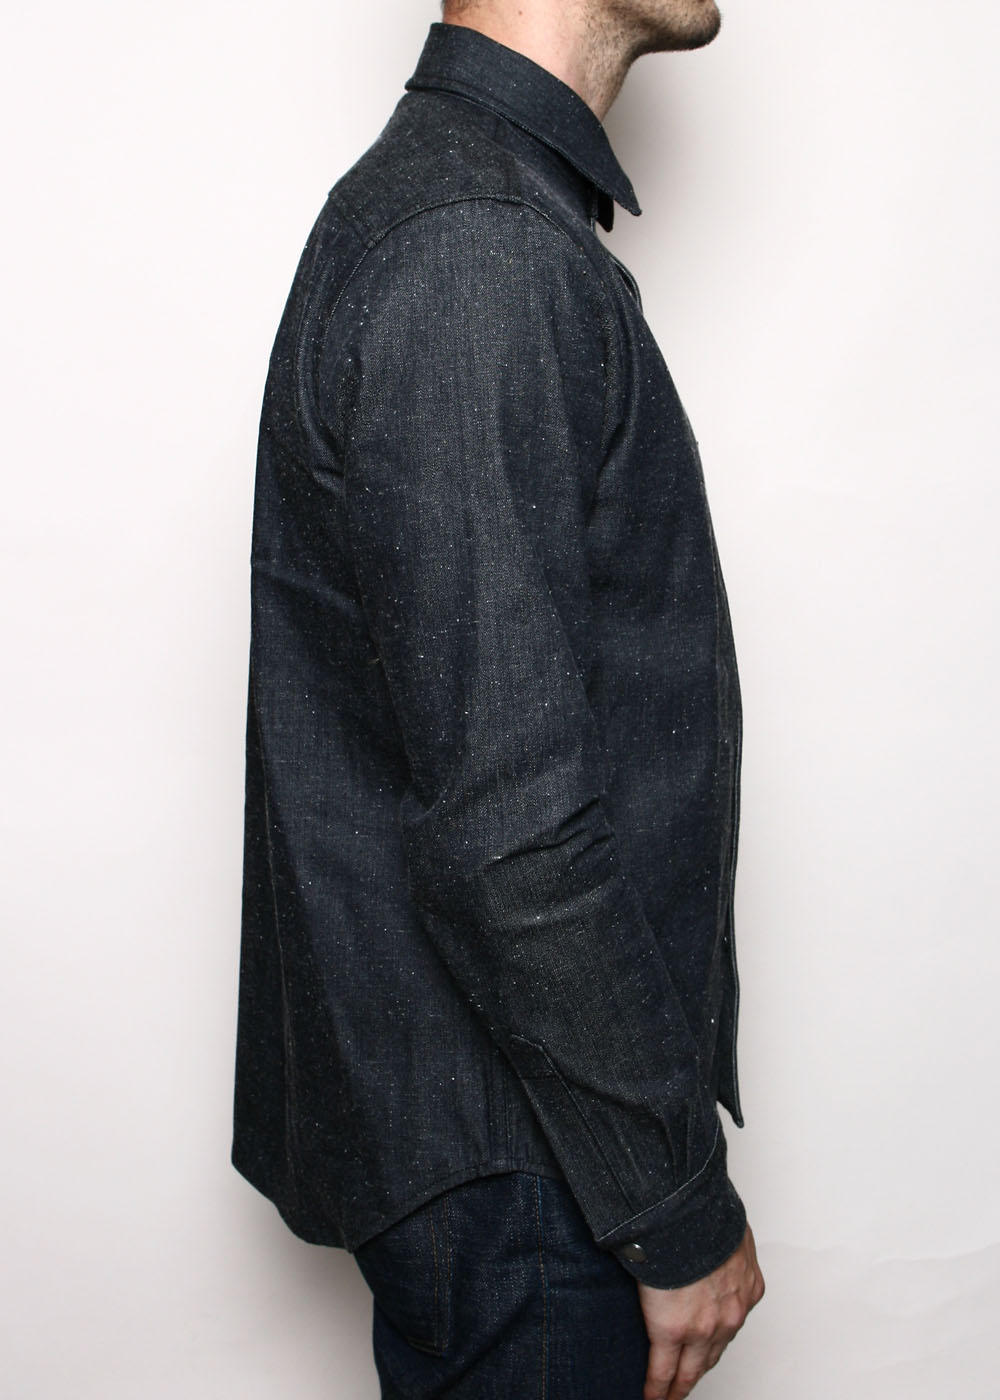 Denim Oxford Shirt // Neppy Black